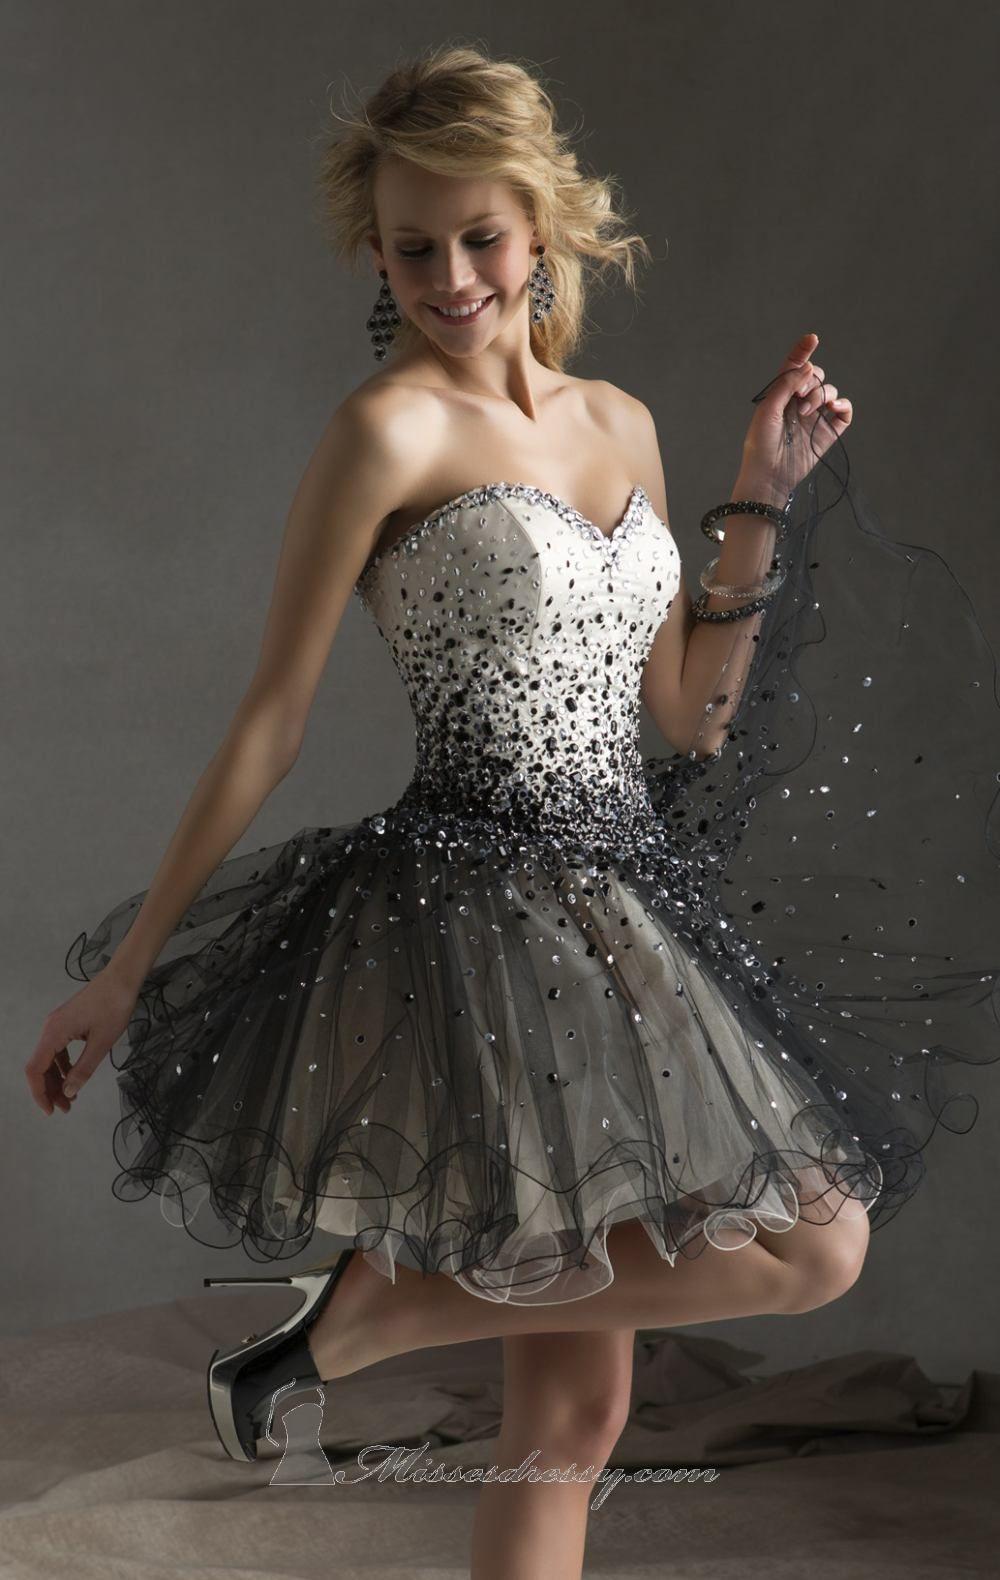 Mooie avondjurken | Clothes | Pinterest | Kleider, Kurze kleider und ...